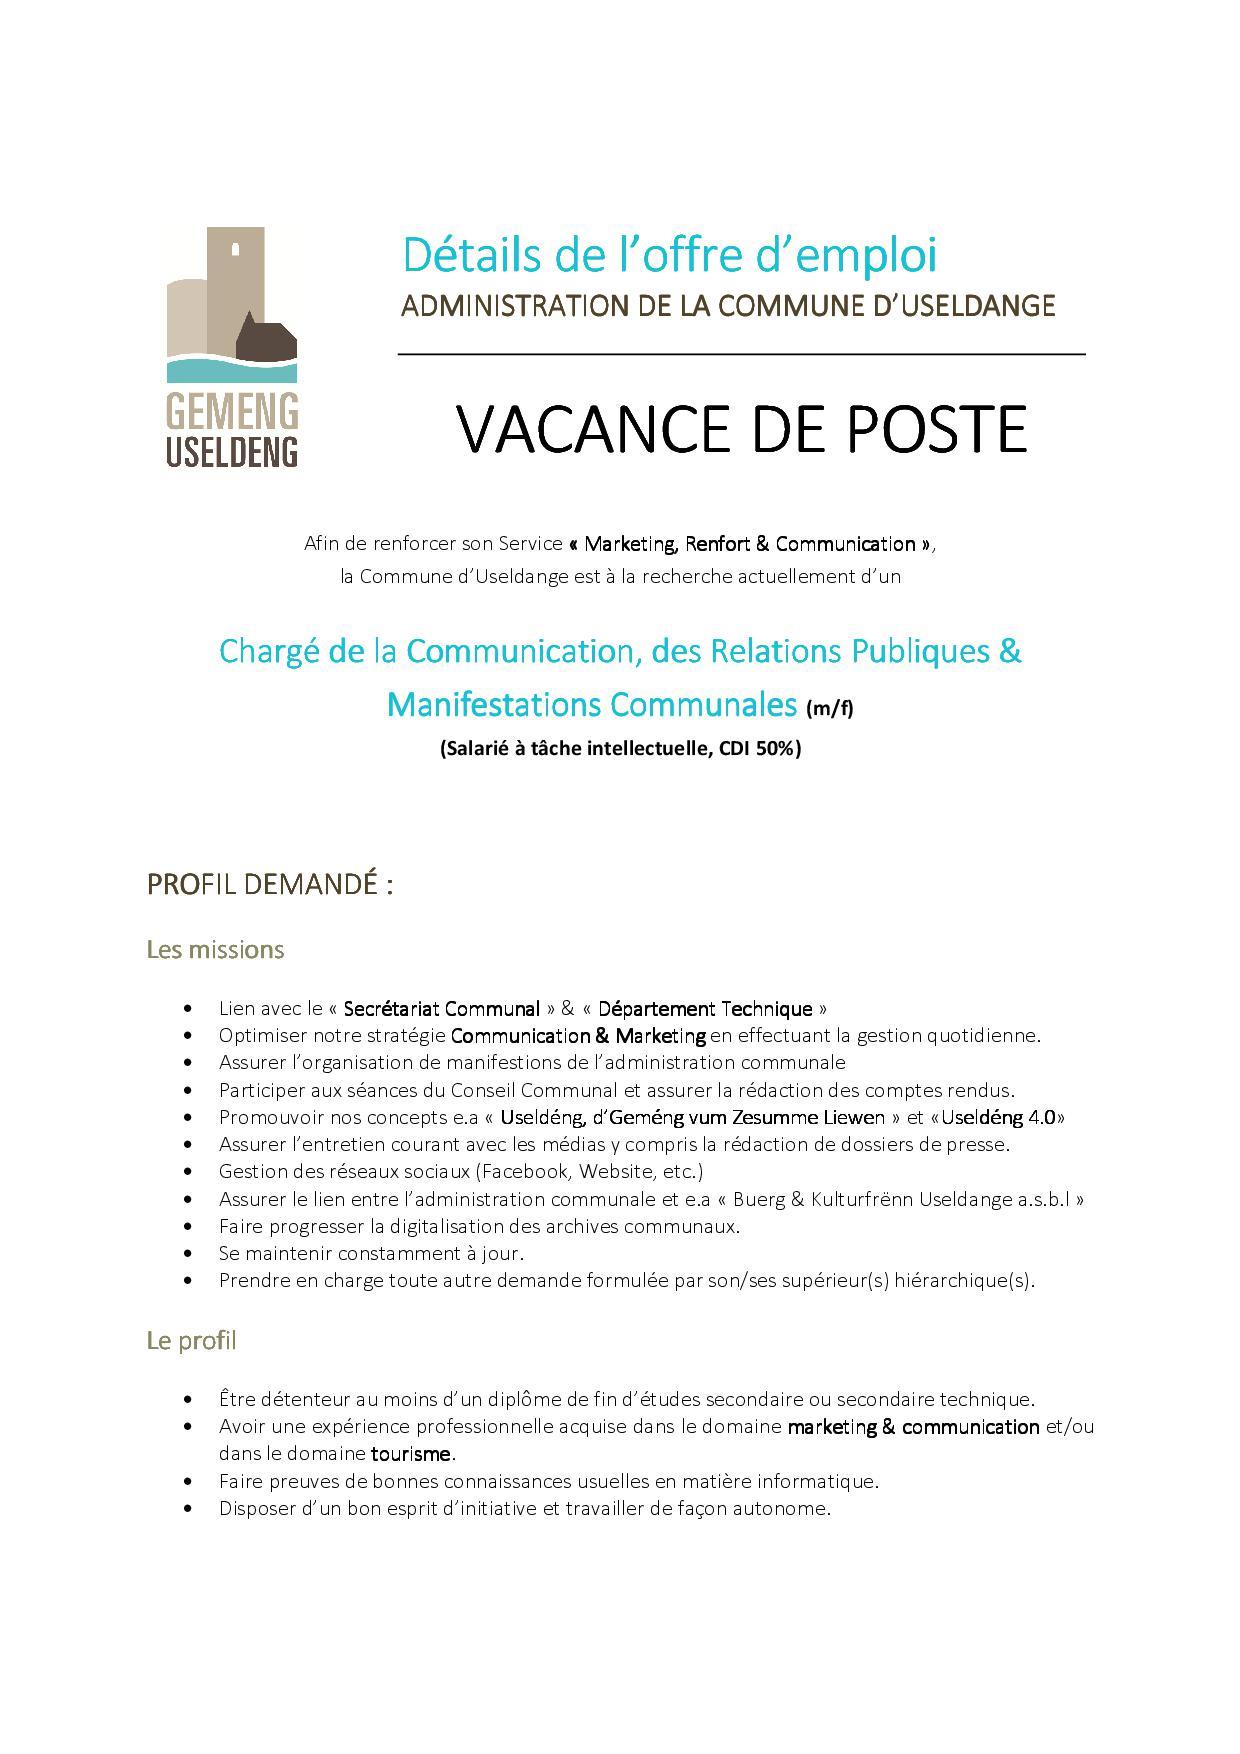 Vacance de poste - Chargé de la Communication, des Relations Publiques & Manifestations Communales (m/f)